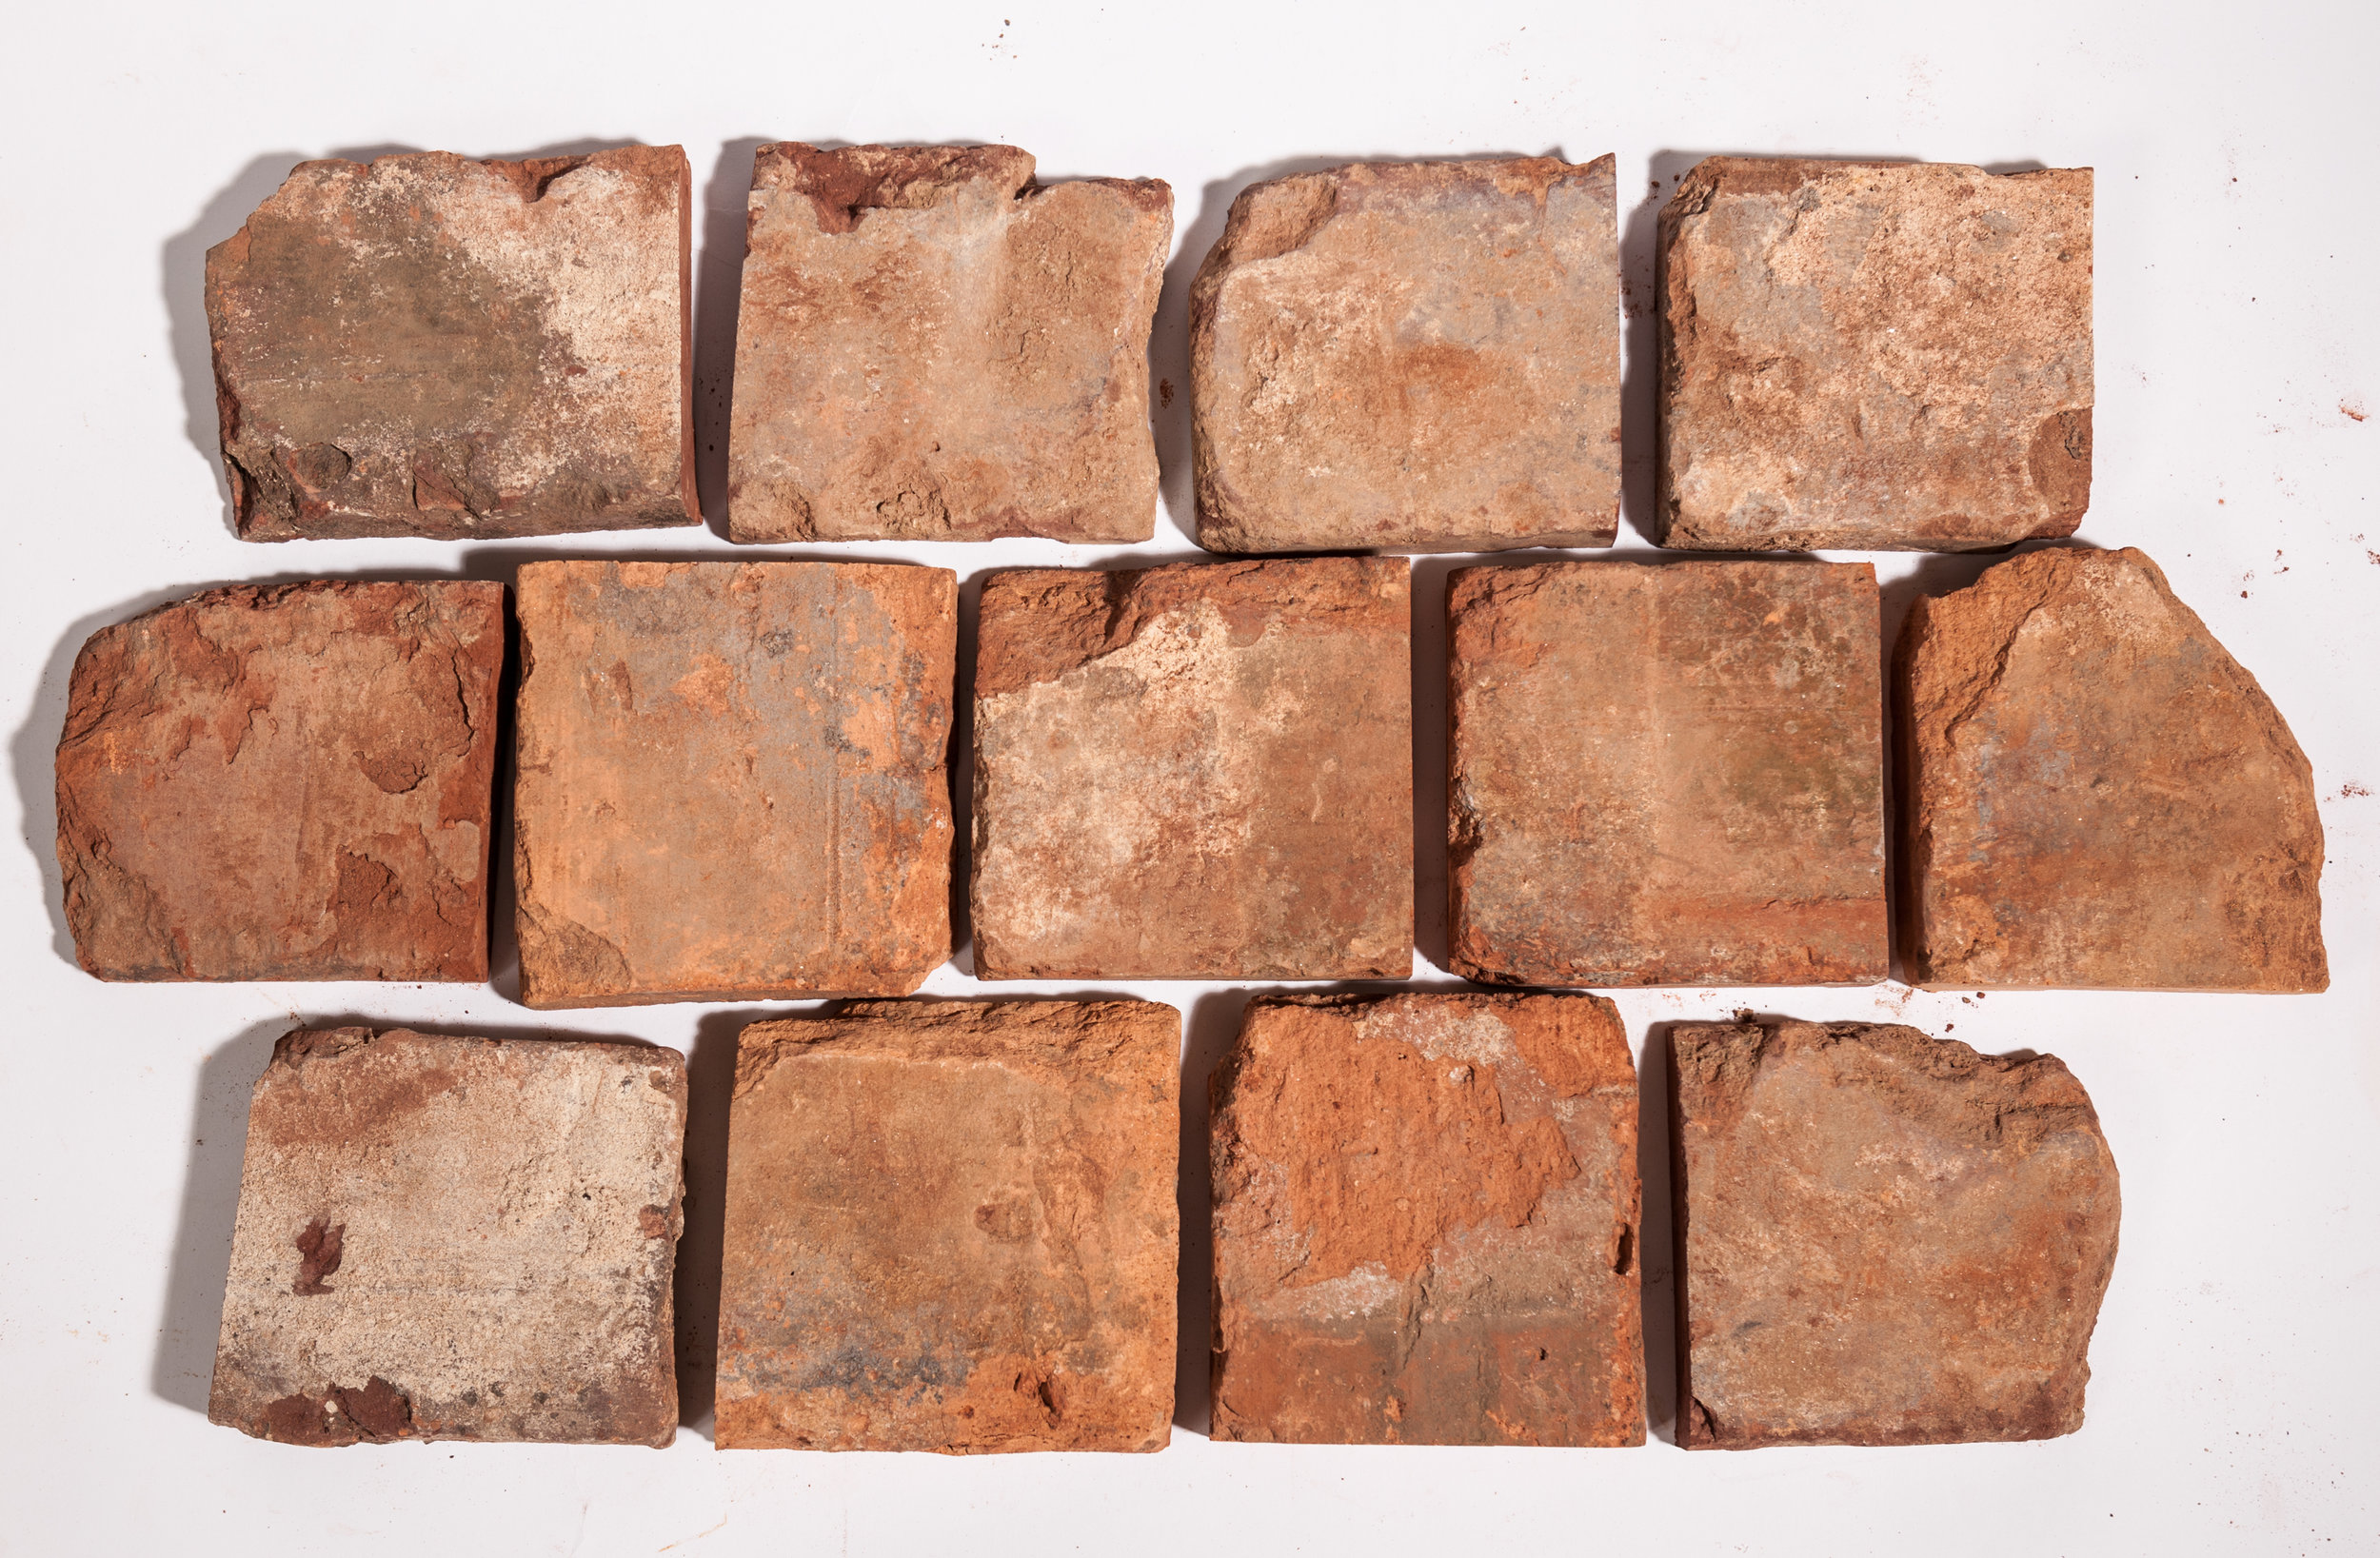 SouthernDemo_Bricks_042.jpg